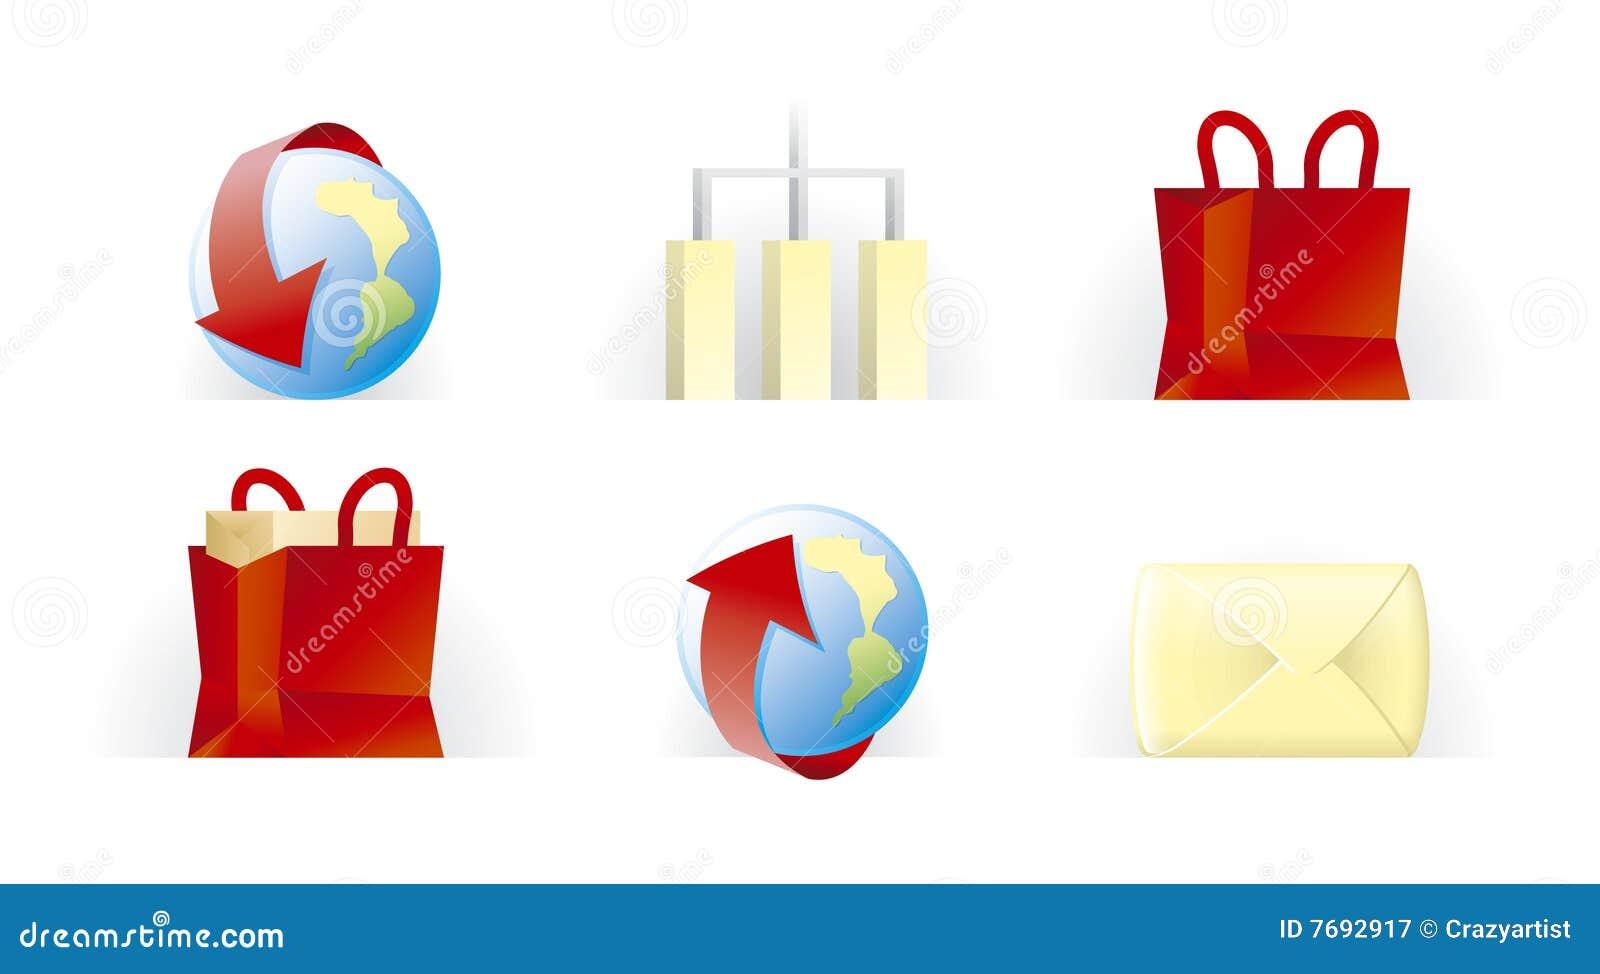 Website and Internet icons | T.U.P.O. Color